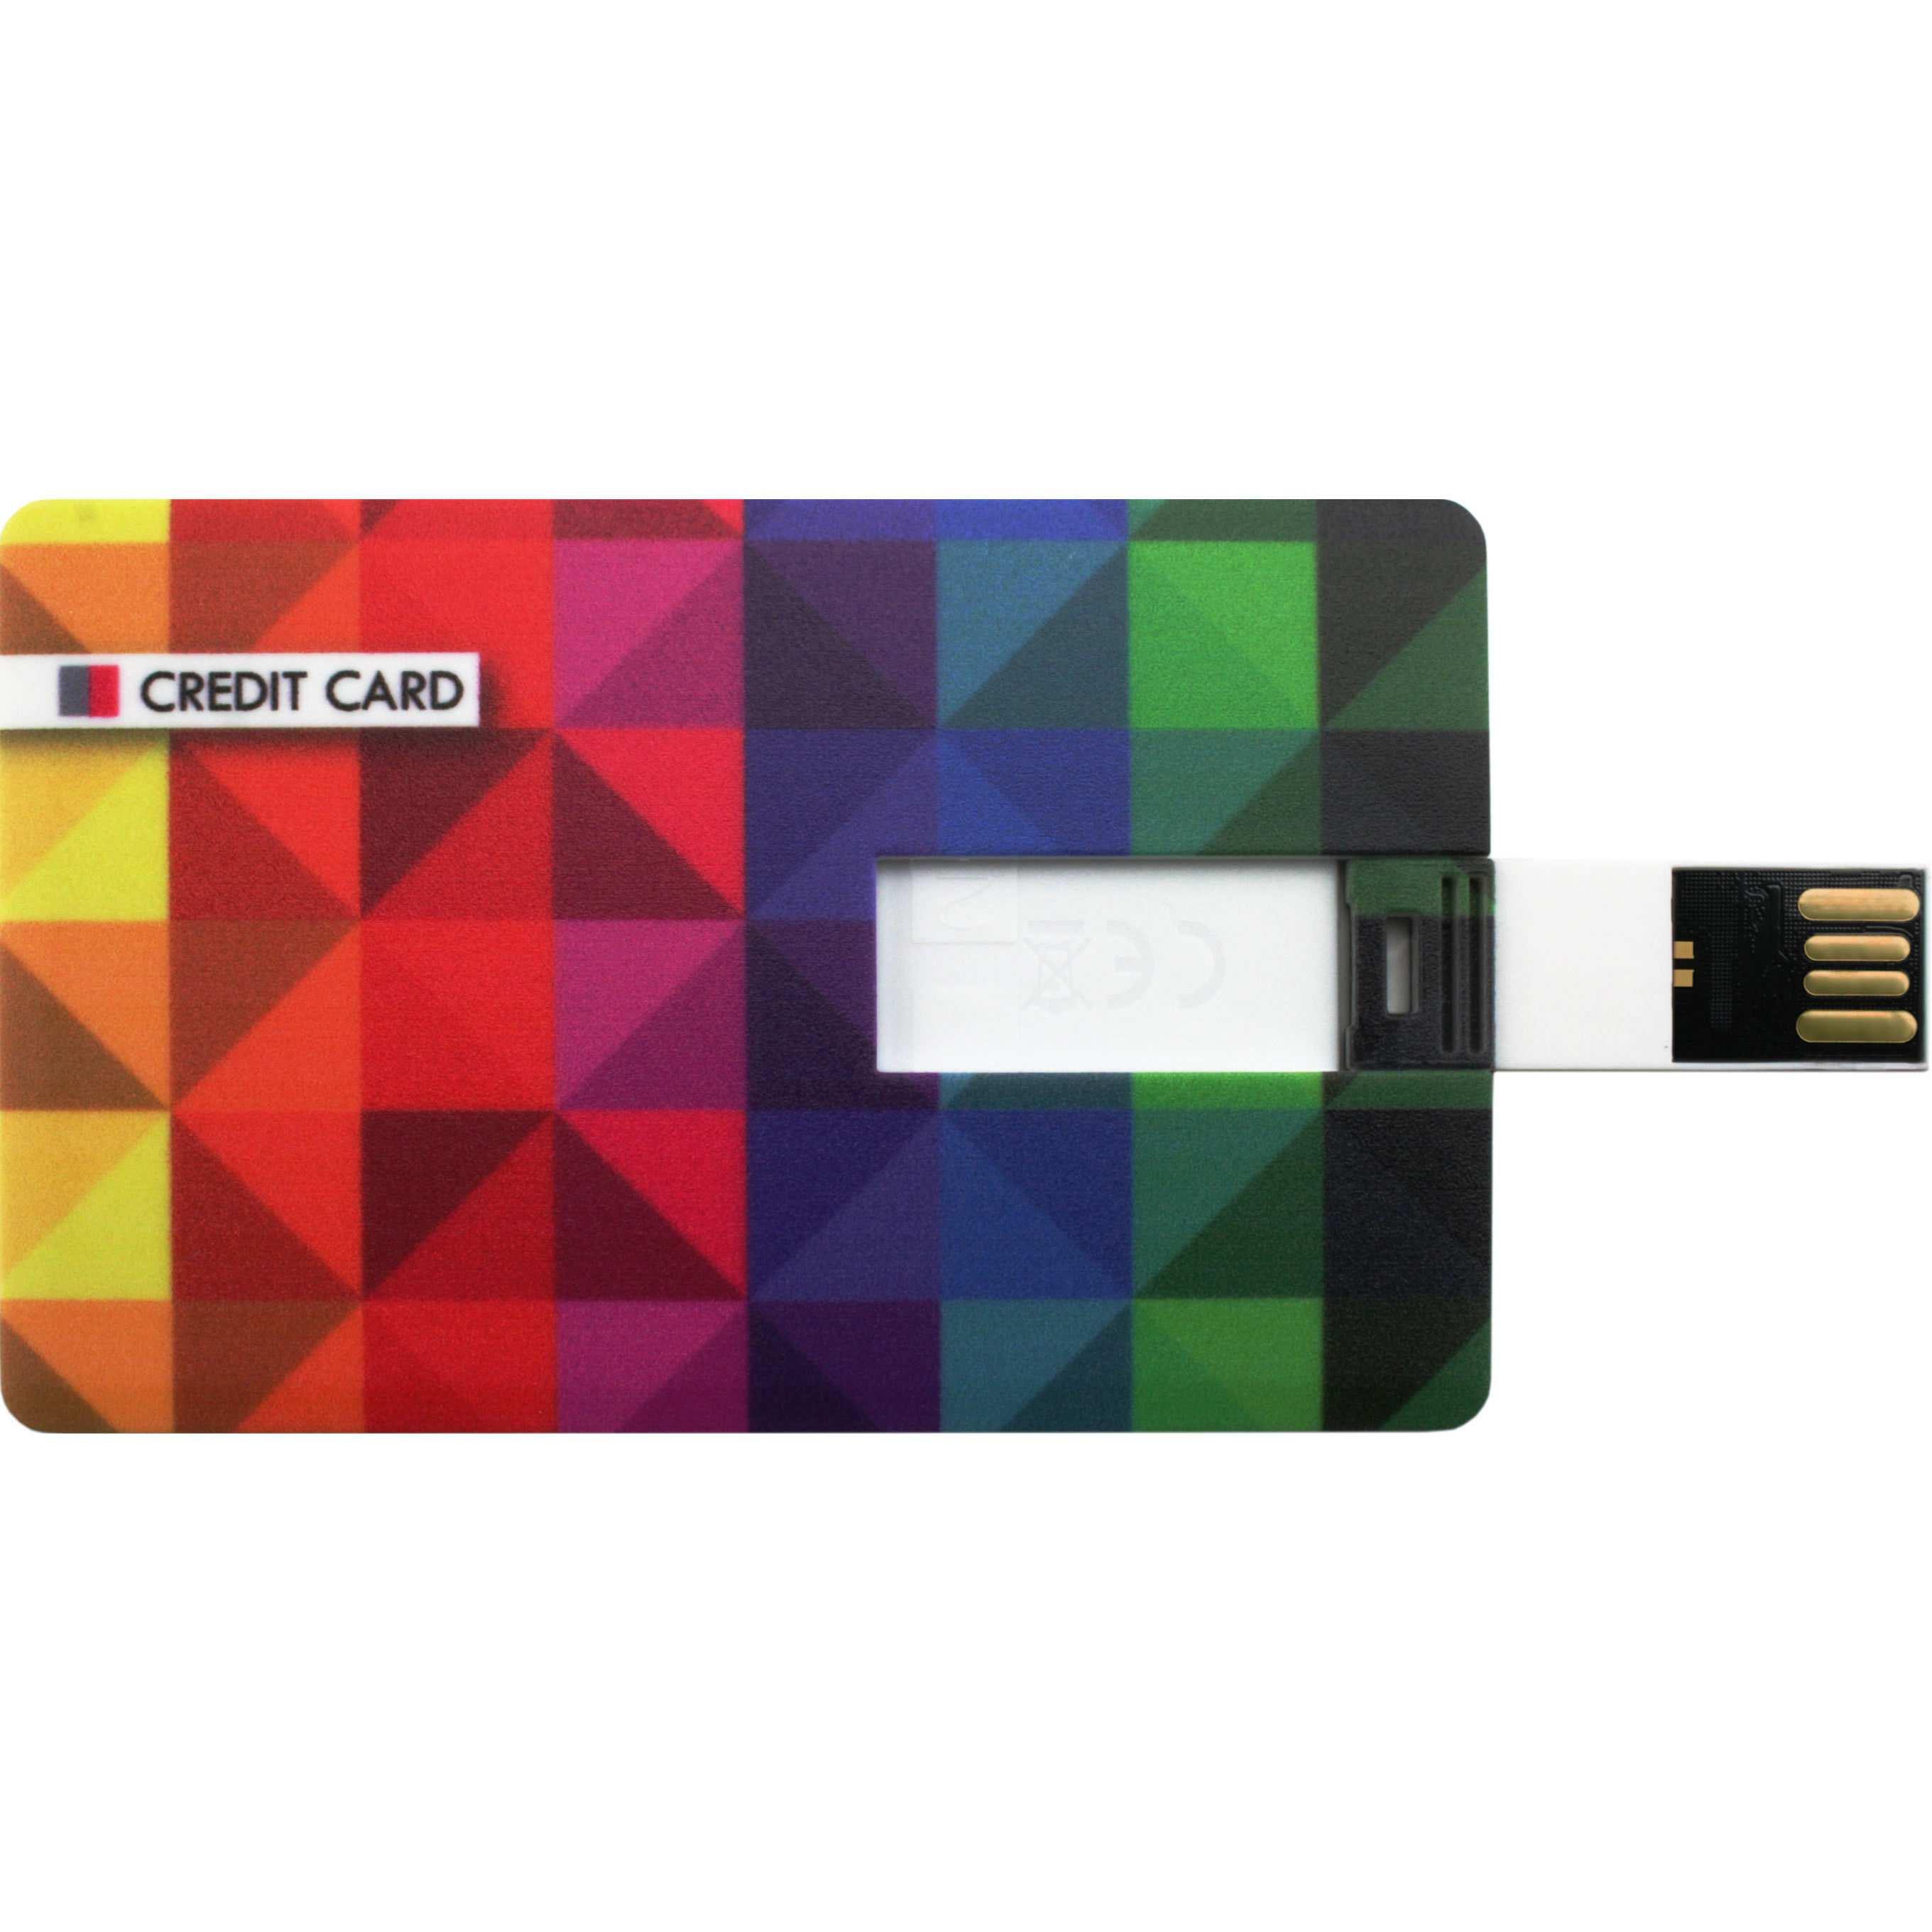 Clé USB publicitaire Credit Card - clé USB promotionnelle